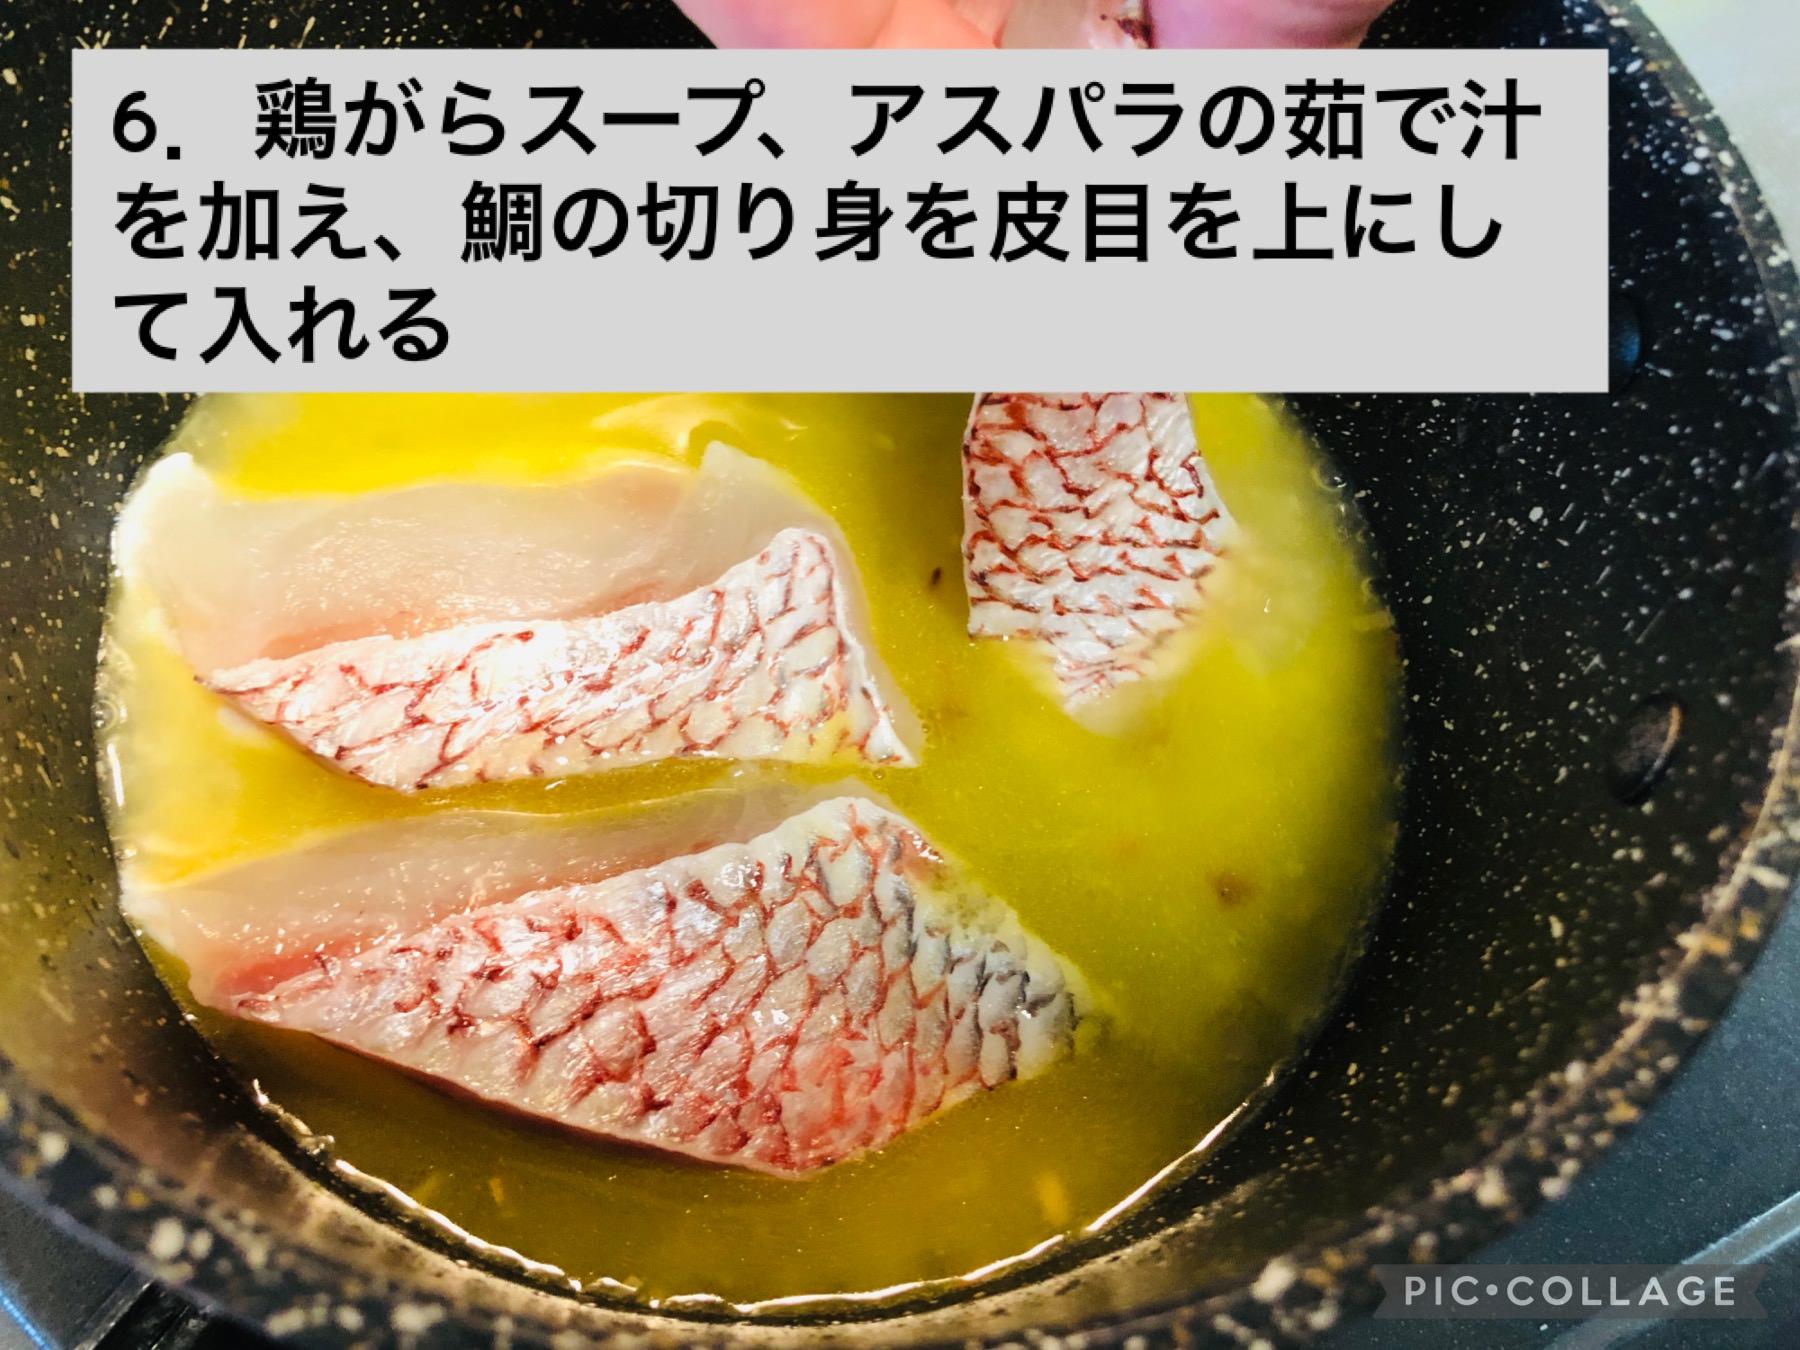 鶏ガラスープ、(あればアスパラの茹で汁)を加え、鯛の切り身を皮目を上にして入れる様子の画像です